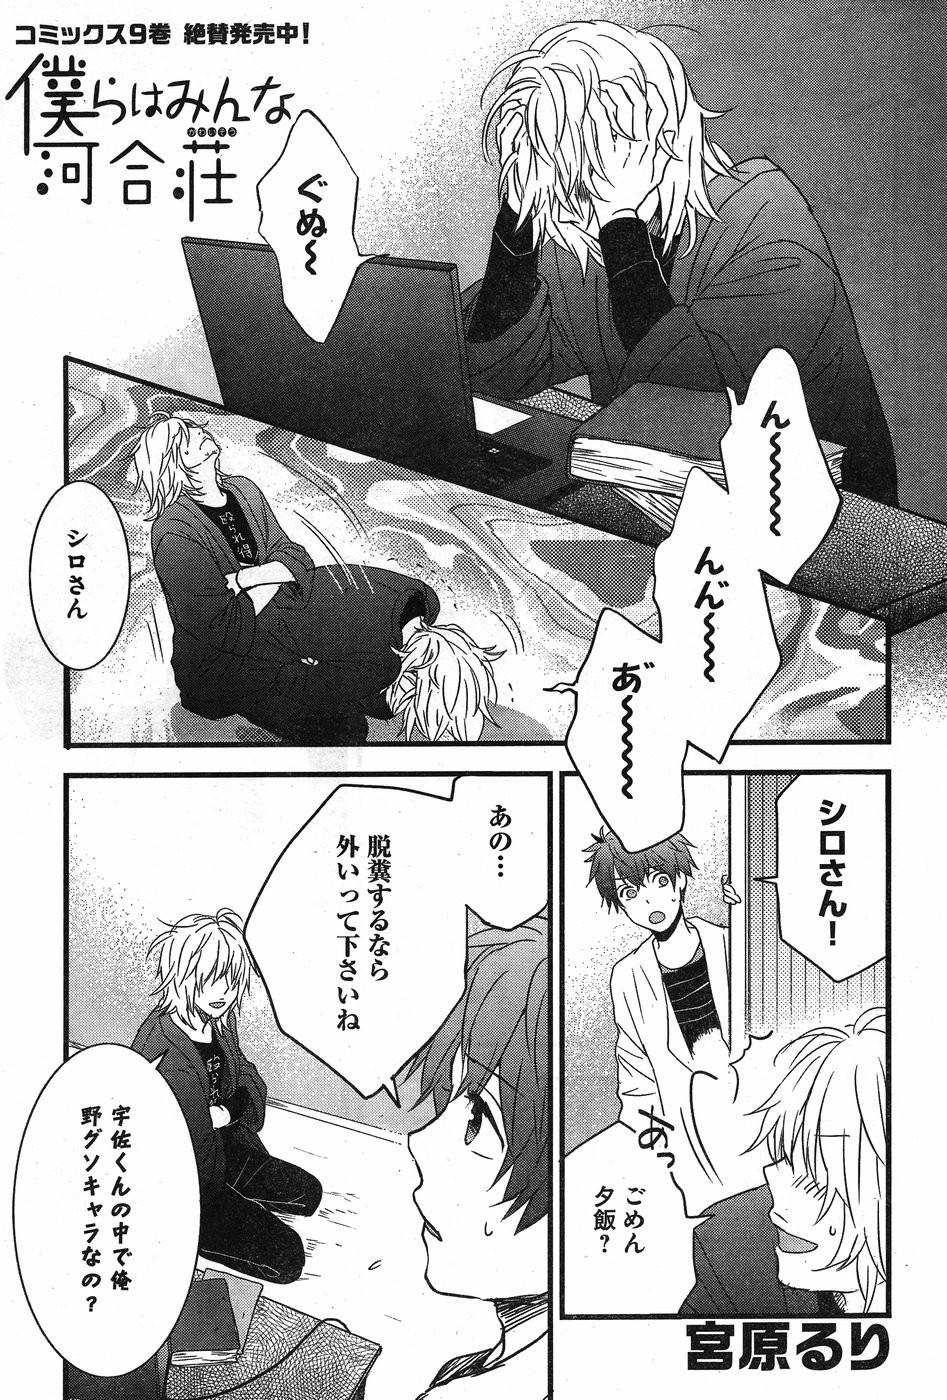 Bokura-wa-Minna-Kawaisou Chapter 86 Page 1